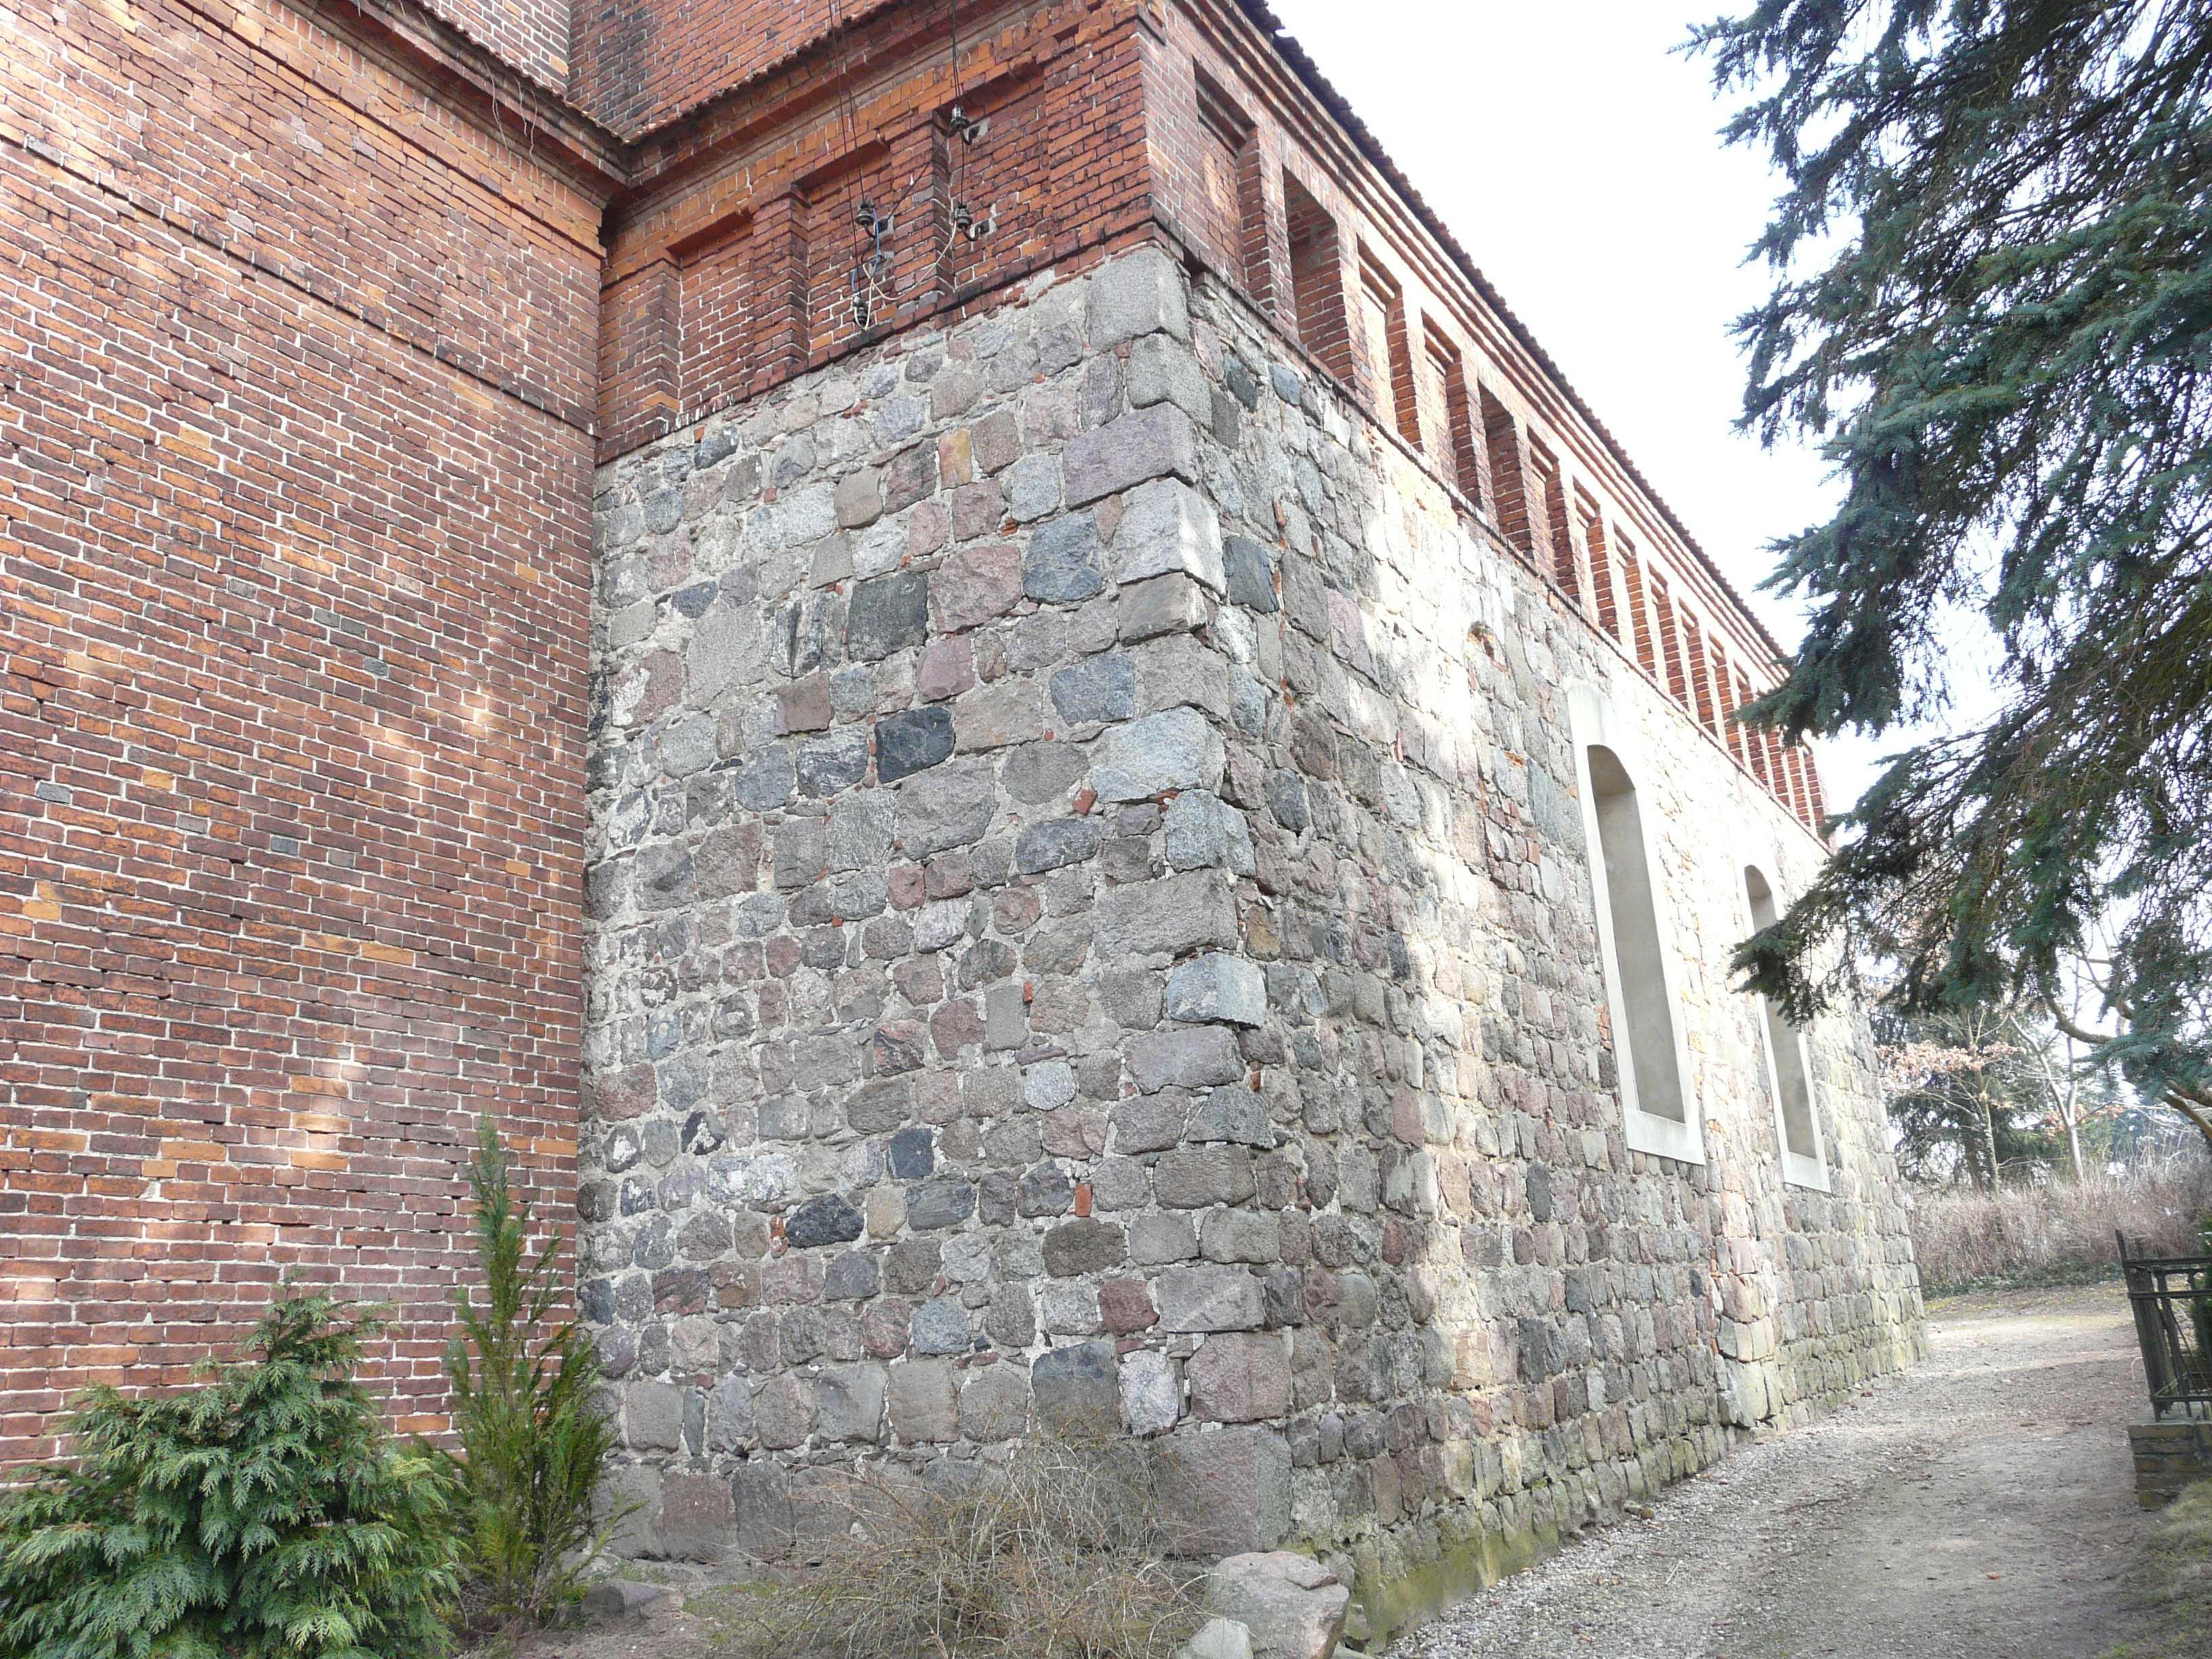 BAR-Danewitz-Kirche-Schau-2010.jpg